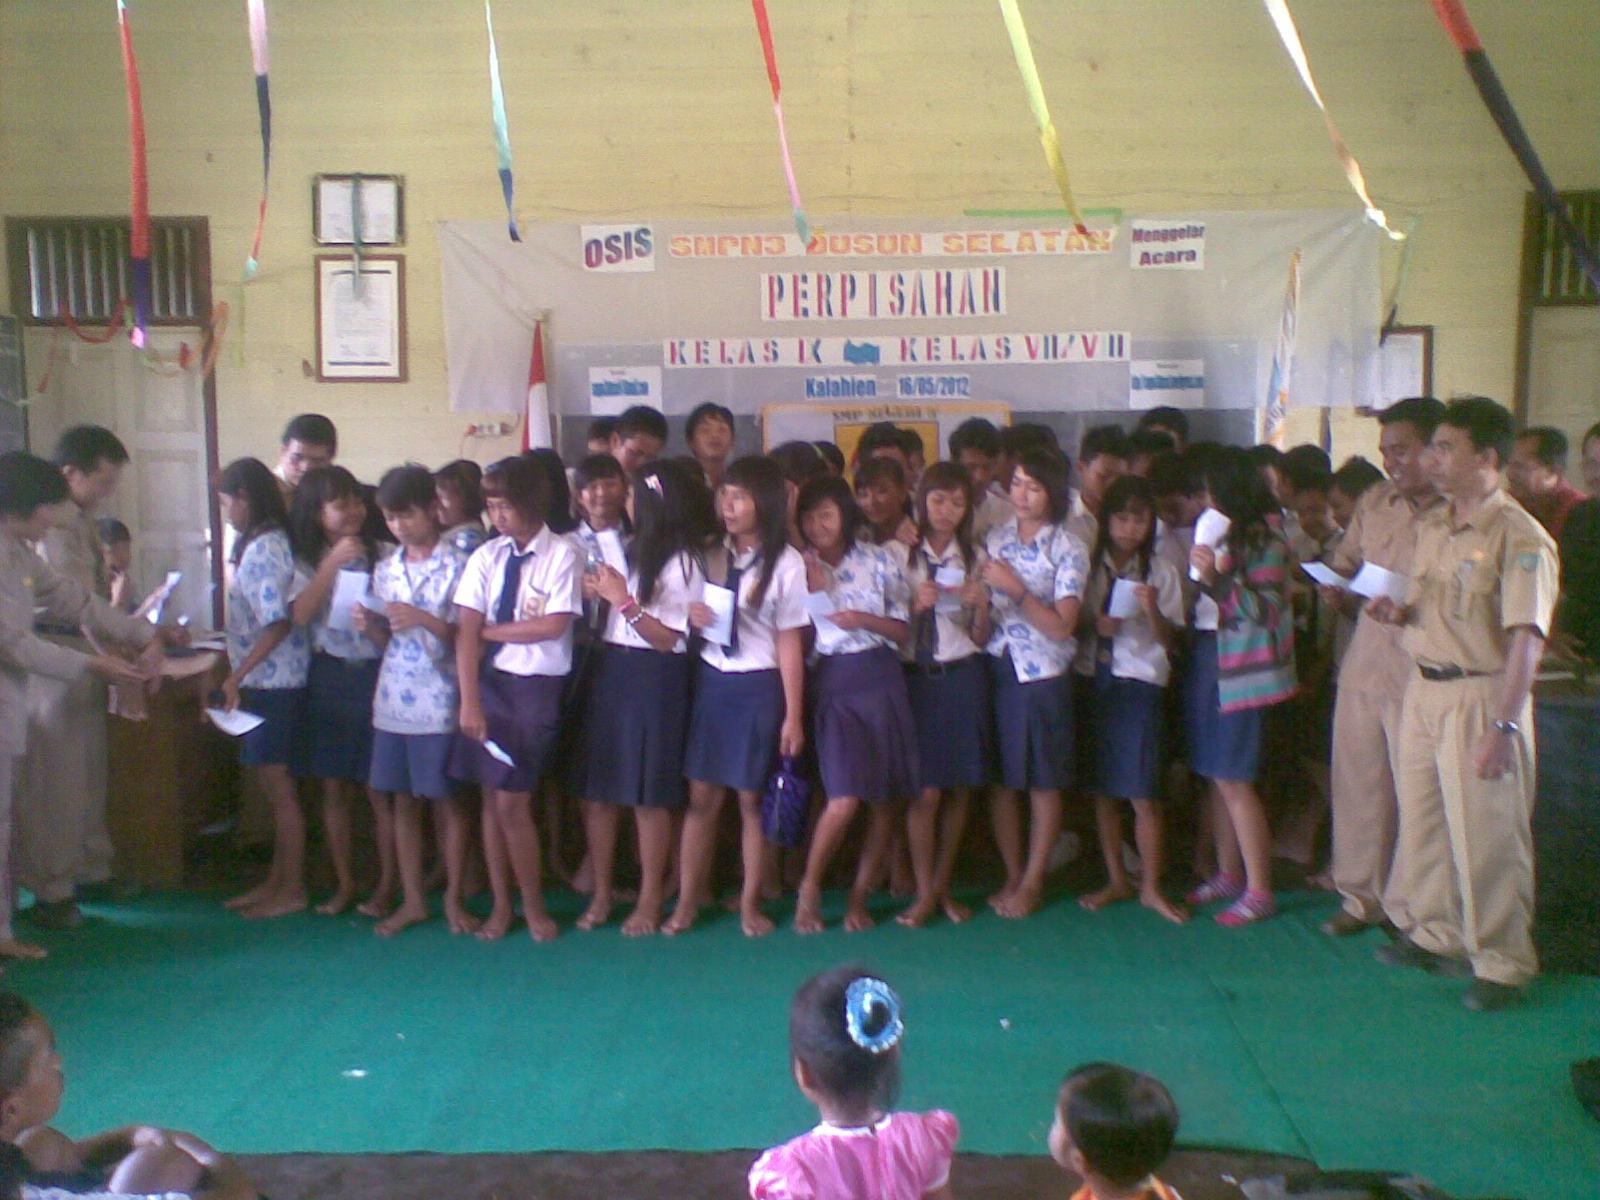 Dewan Guru Menyanyi Bersama Lagu Kemesraan Dalam Acara